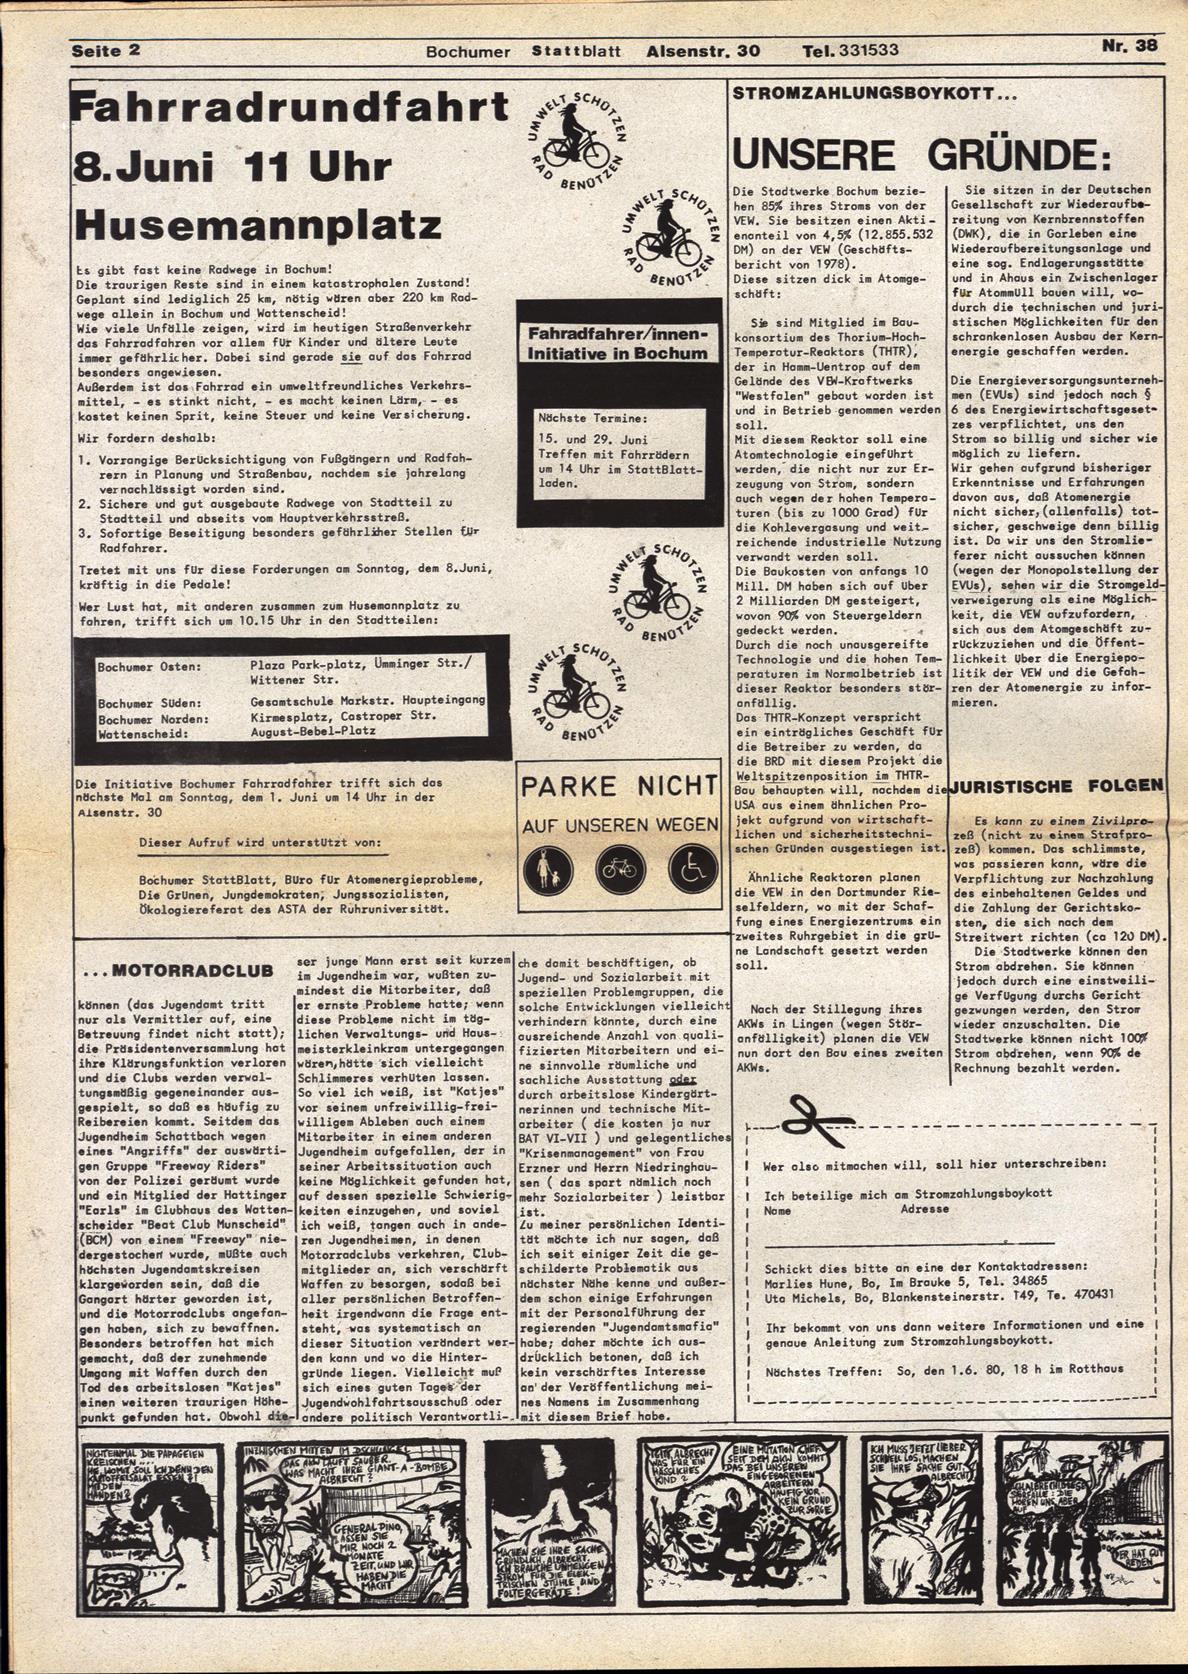 Bochum_Stattblatt_19800600_38_02